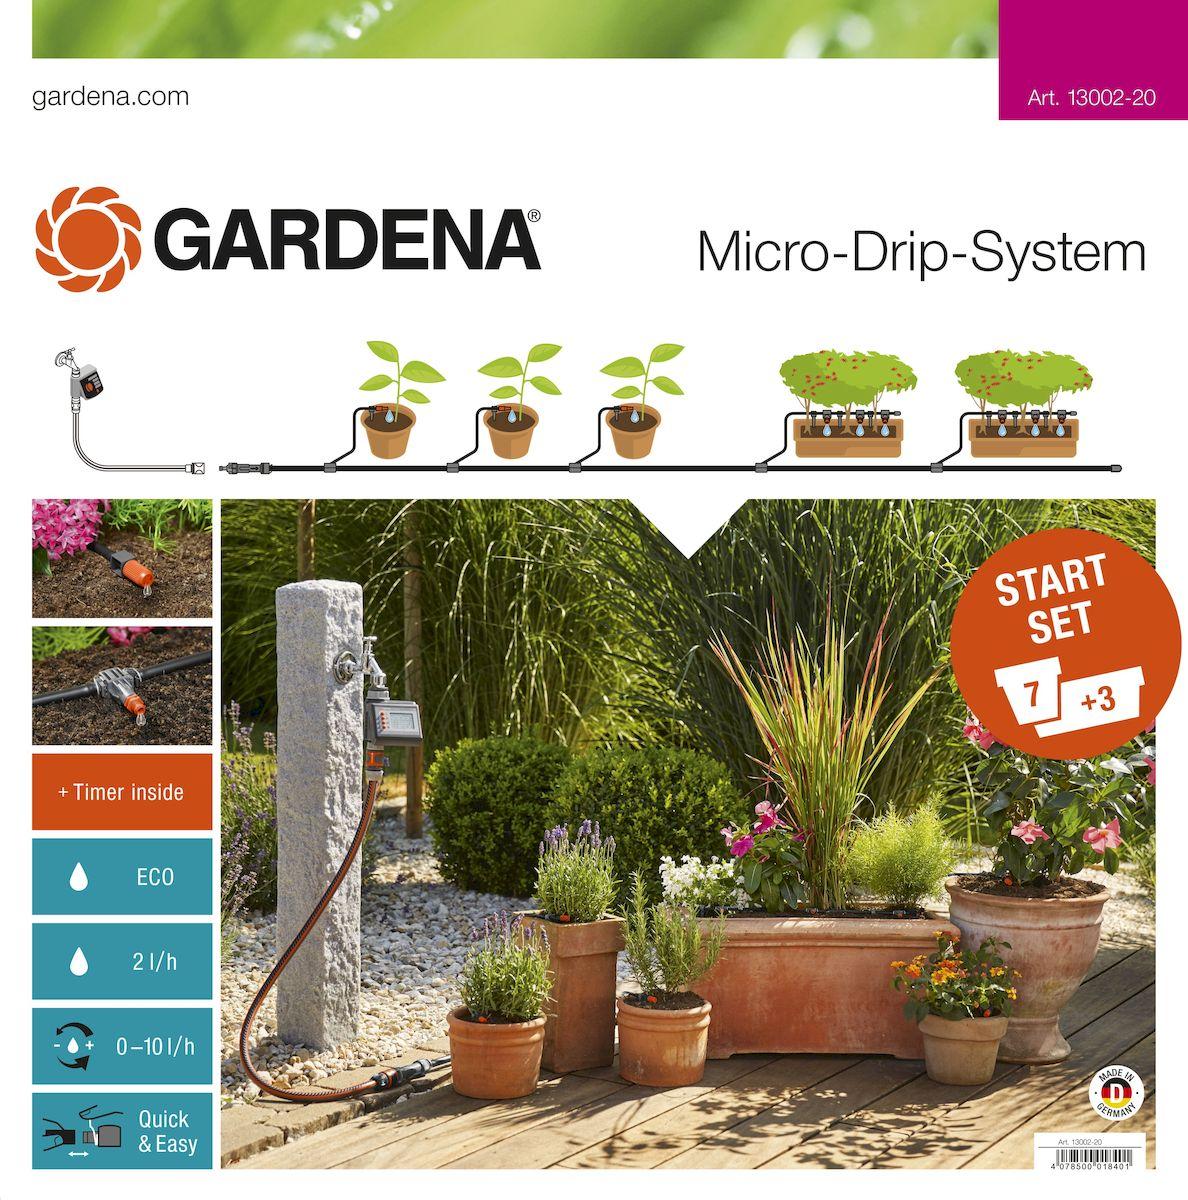 Комплект микрокапельного полива Gardena, базовый с таймером13002-20.000.00Комплект микрокапельного полива Gardena предназначен для микрокапельного полива, который может применяться в различных целях. Комплект может использоваться для 7 горшечных растений и 3 цветочных ящиков. Таймер автоматического полива EasyConrol обеспечивает полностью автоматический полив. Предусмотрена возможность включения в систему дополнительных элементов. В готовый к использованию базовый комплект входят все основные компоненты системы микрокапельного полива Micro-Drip-System, необходимые для простого полива различных растений. Комплект можно дополнять другими компонентами системы Micro-Drip-System. В комплекте: - таймер автоматического полива EasyControl; - мастер-блок 1000; - шланг магистральный 15 м; - шланг подающий 10 м; - соединитель Т-образный 13 мм (1/2); - соединитель Т-образный 10 шт; - колышки для крепления шлангов 4,6 мм (3/16), 15 шт; - колышки для крепления шлангов 13 мм (1/2), 10 шт; -...